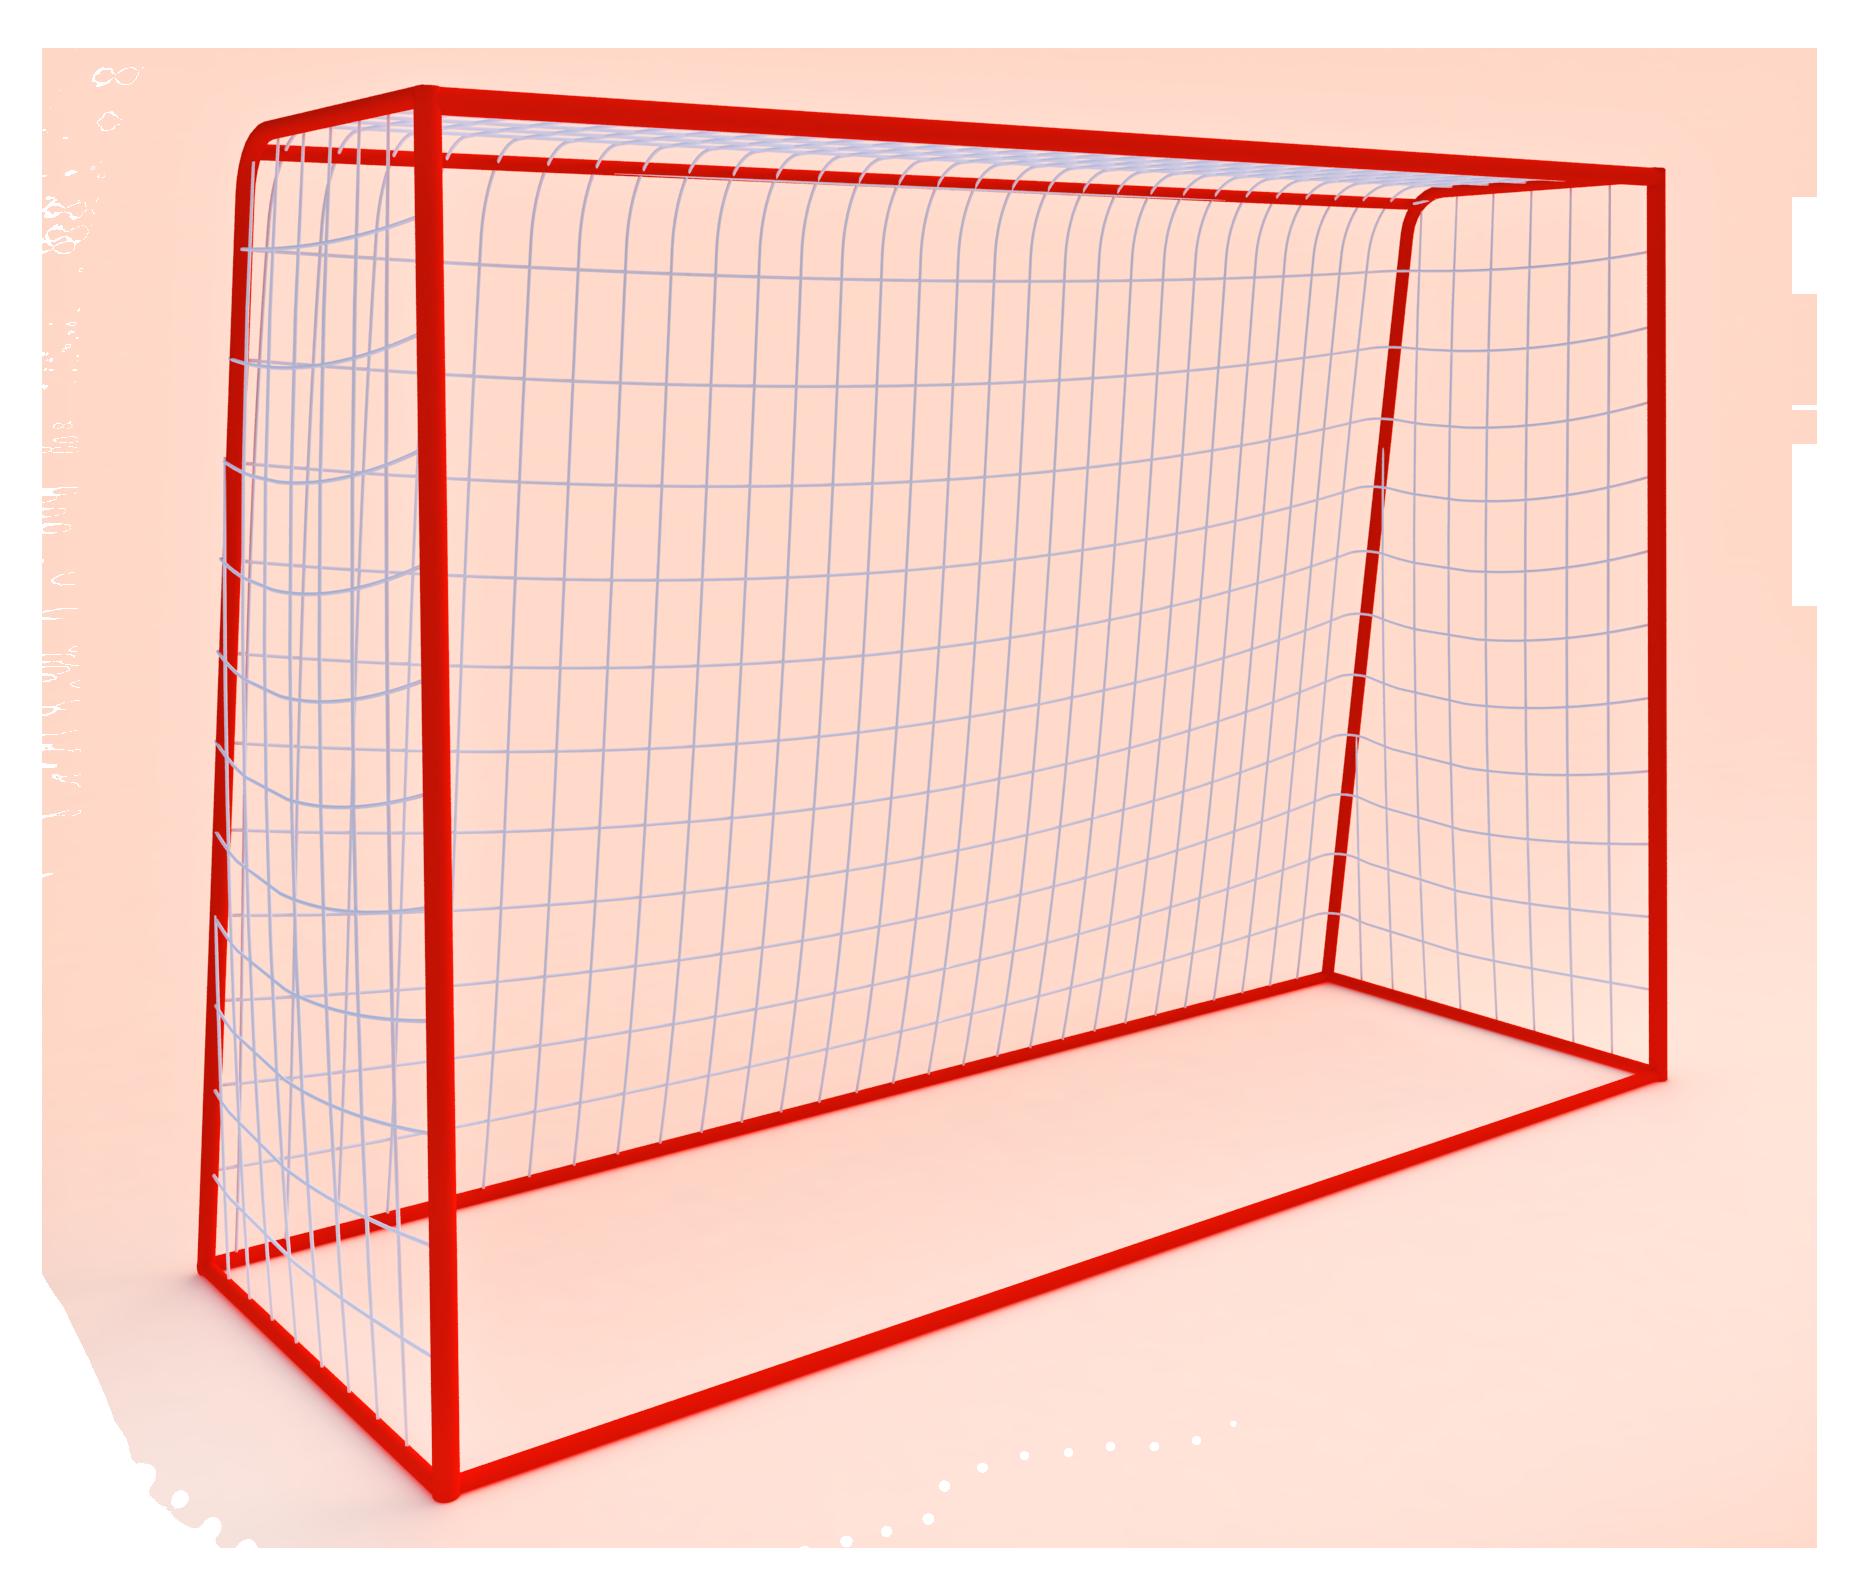 Сплести сетку для футбольных ворот своими руками